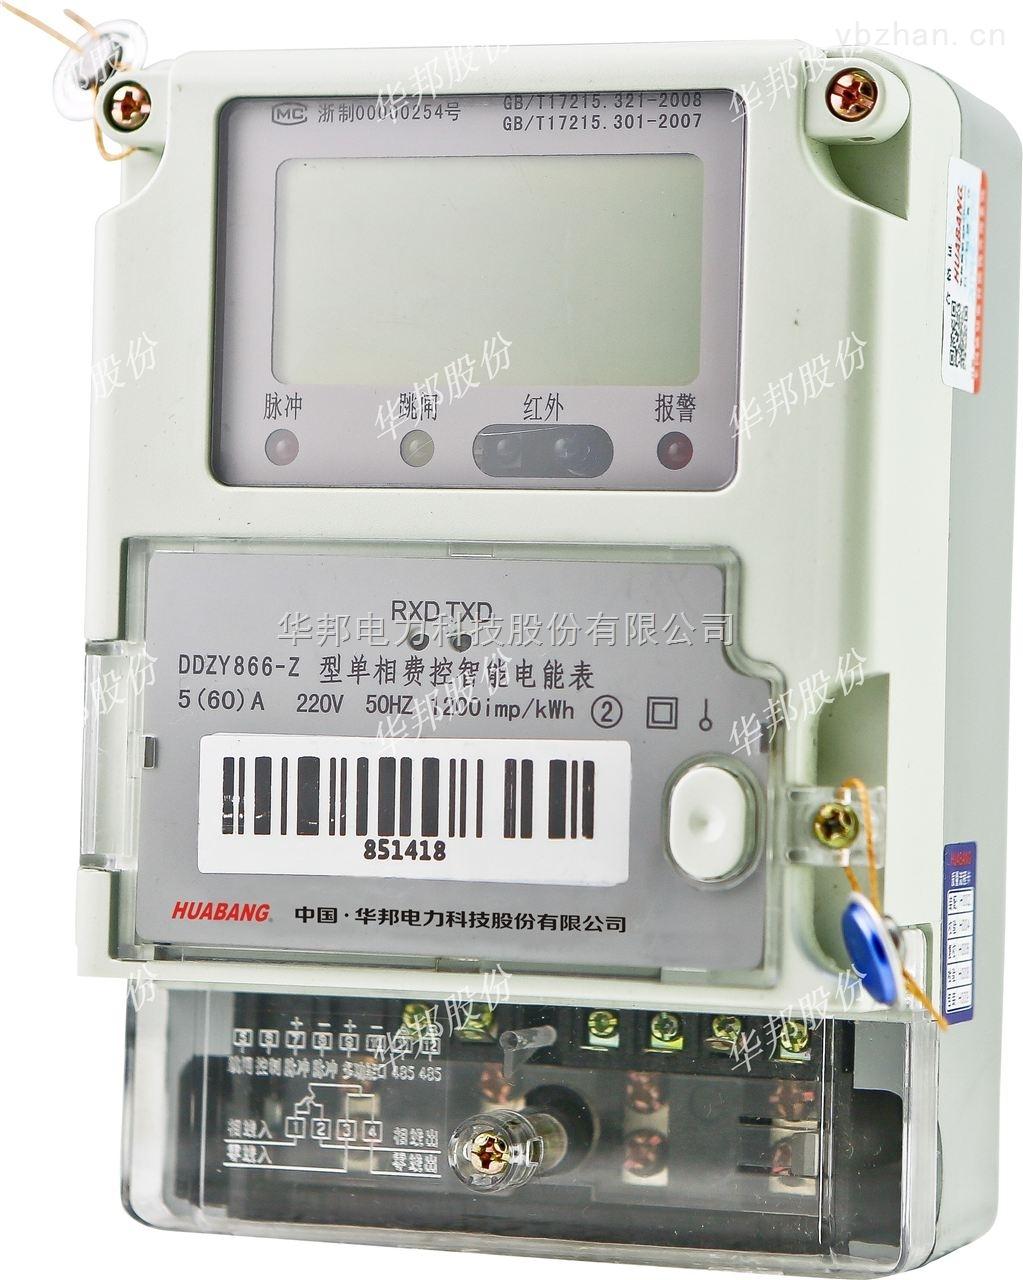 产品库 电工仪表 电表 智能电表 ddzy866 单相光伏并网计费电表  产品